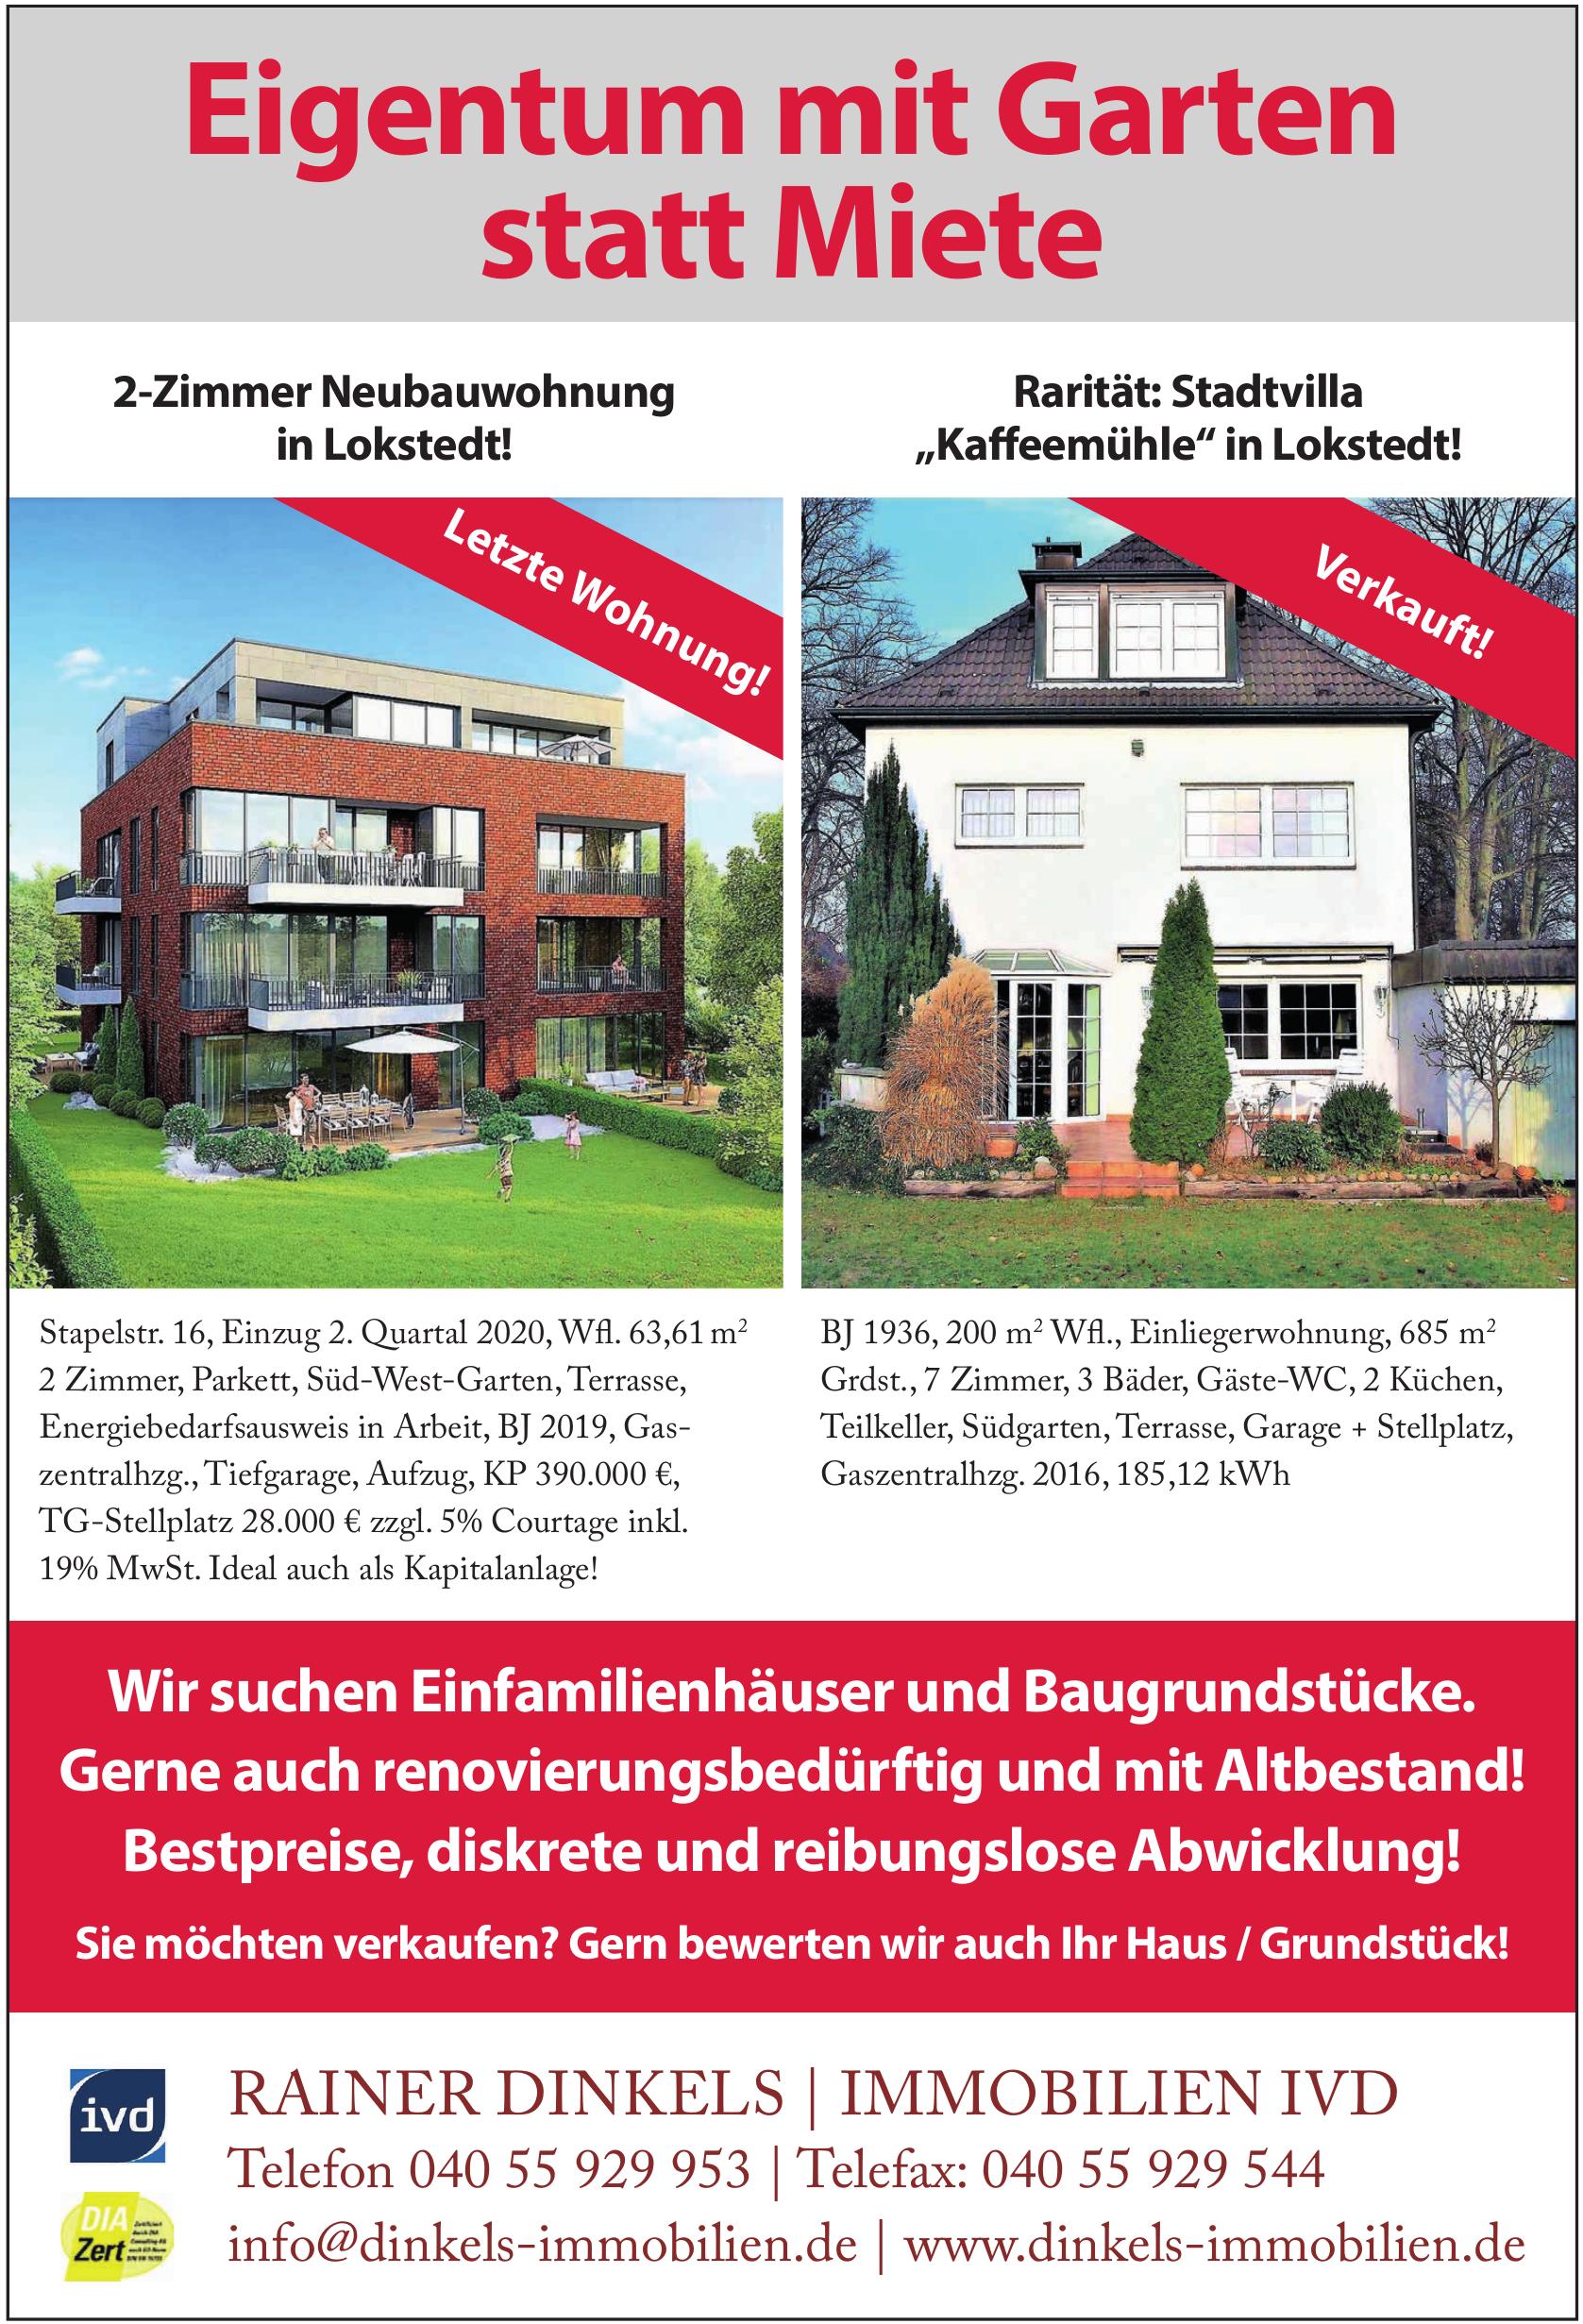 Rainer Dinkels - Immobilien IVD